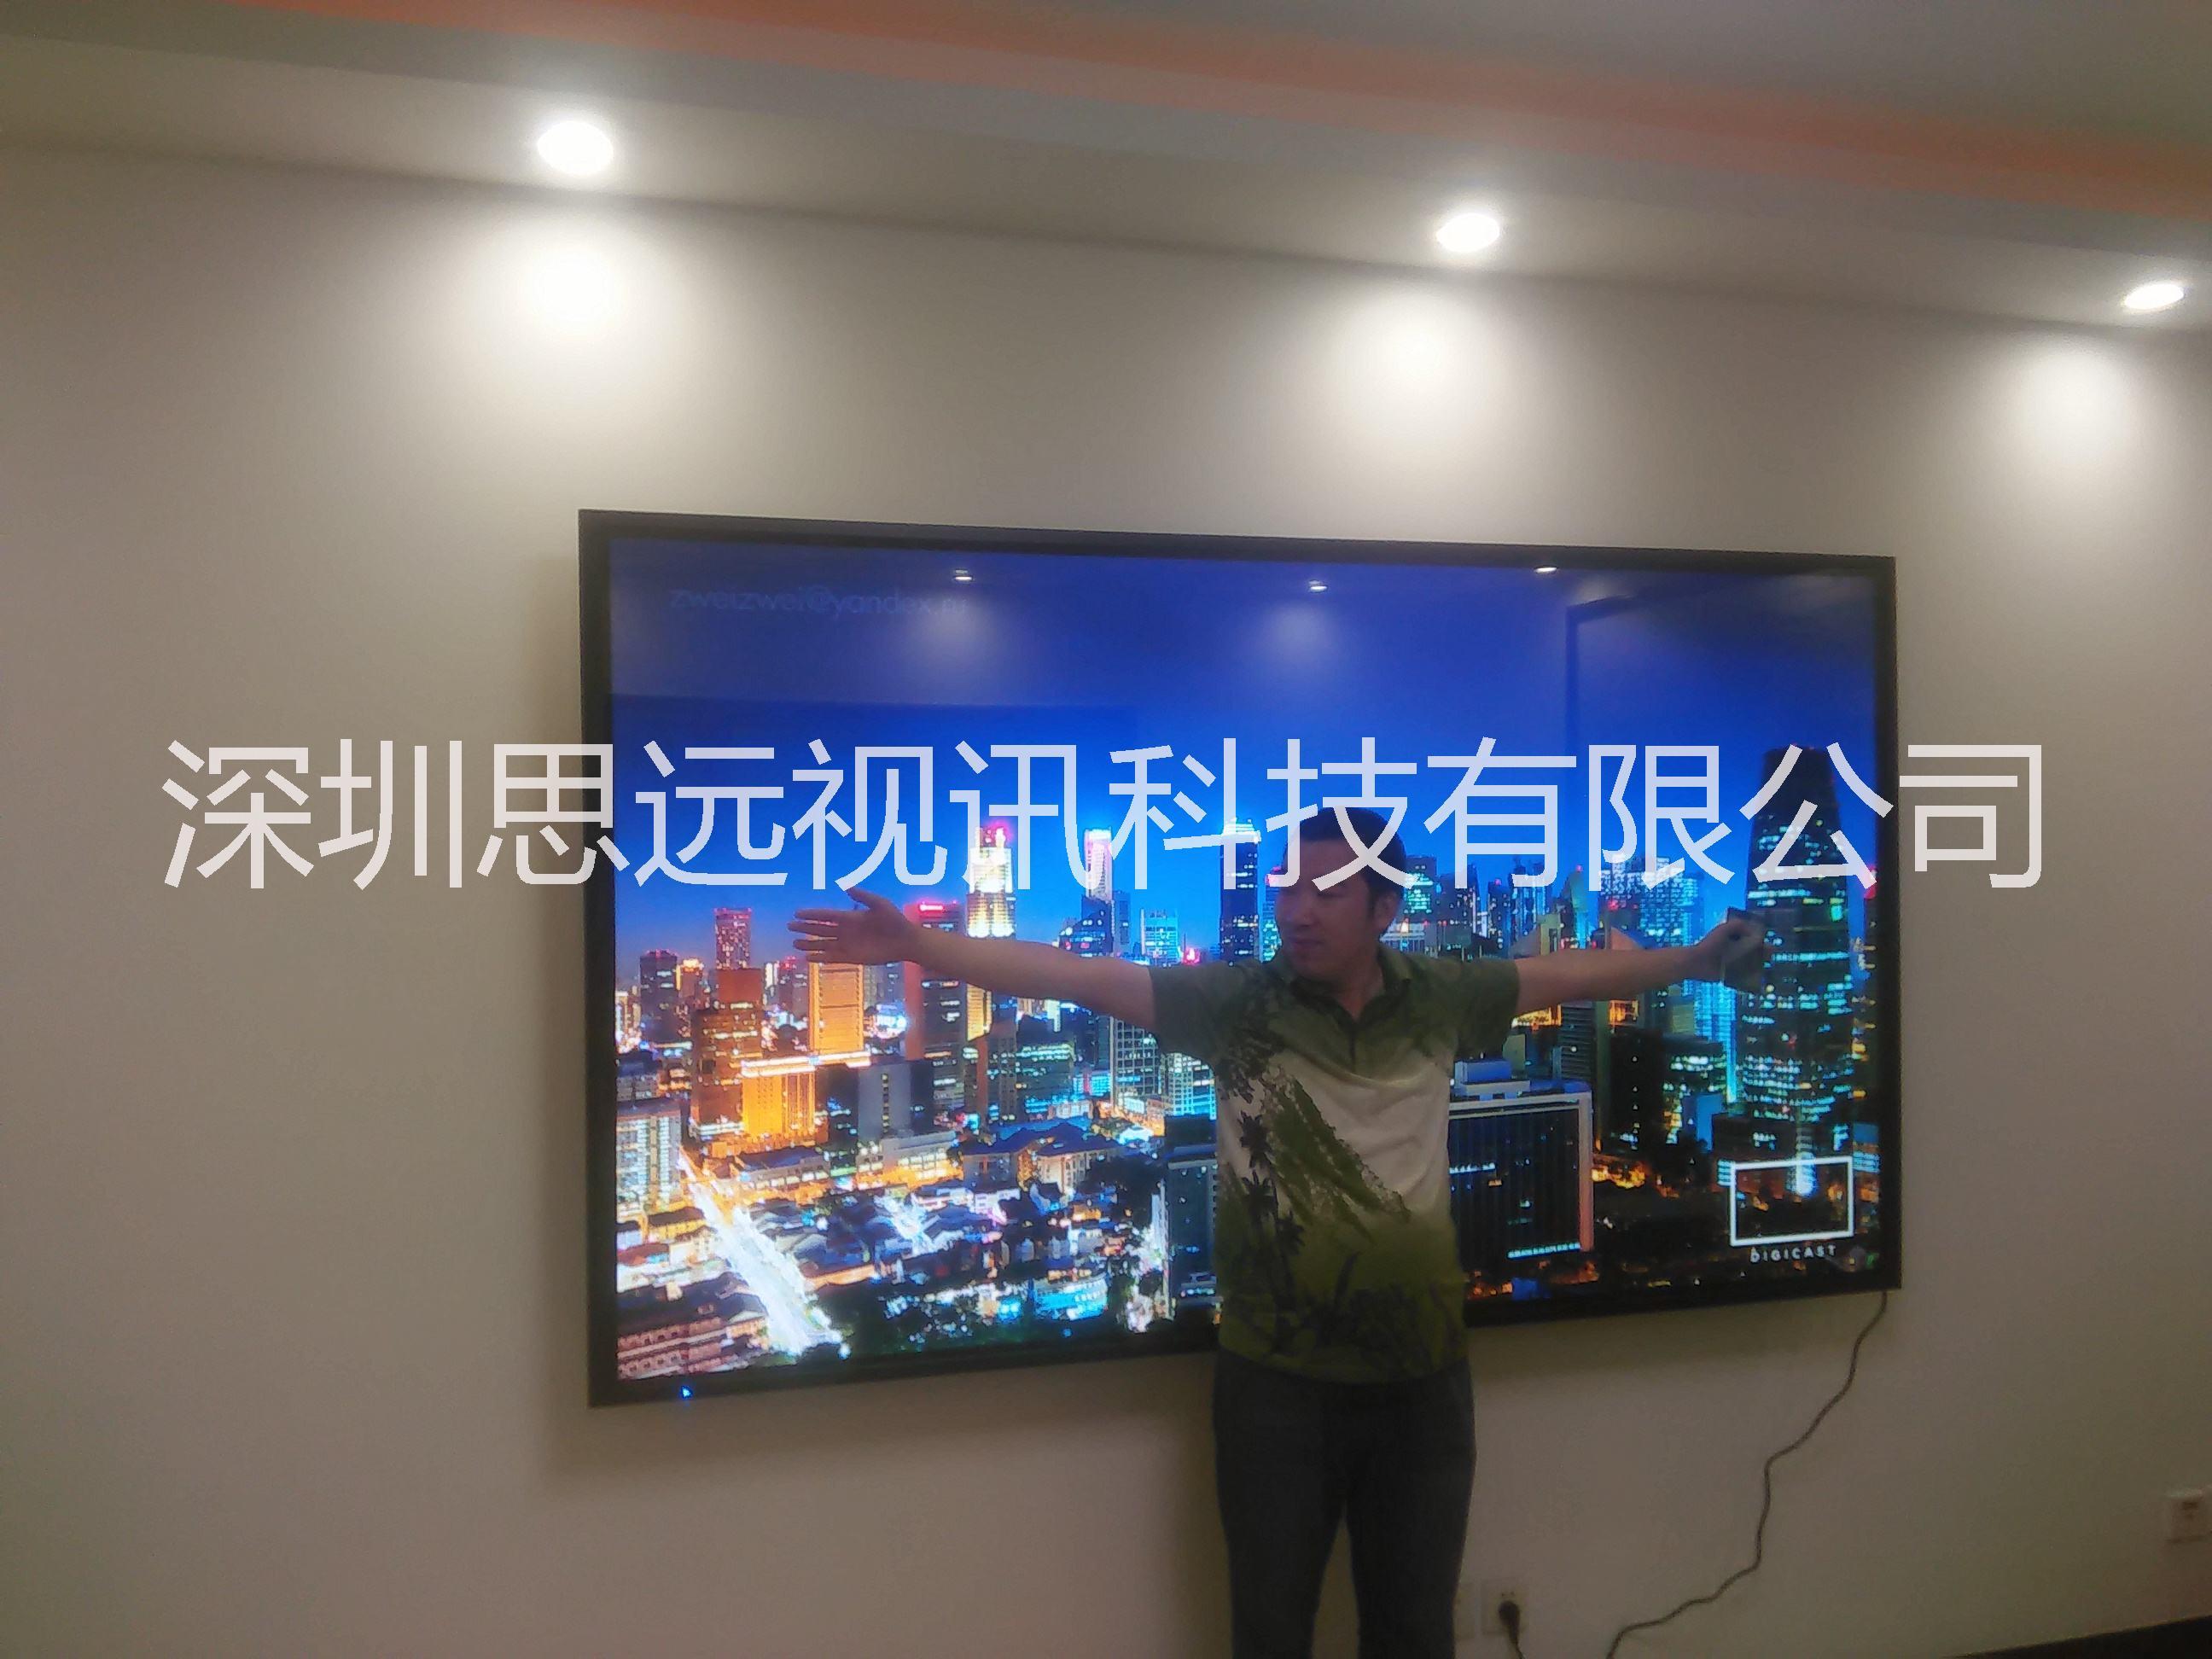 98寸液晶大屏幕厂家-98寸液晶大屏幕价格-98寸液晶大屏幕品牌-98寸SY-FD980P